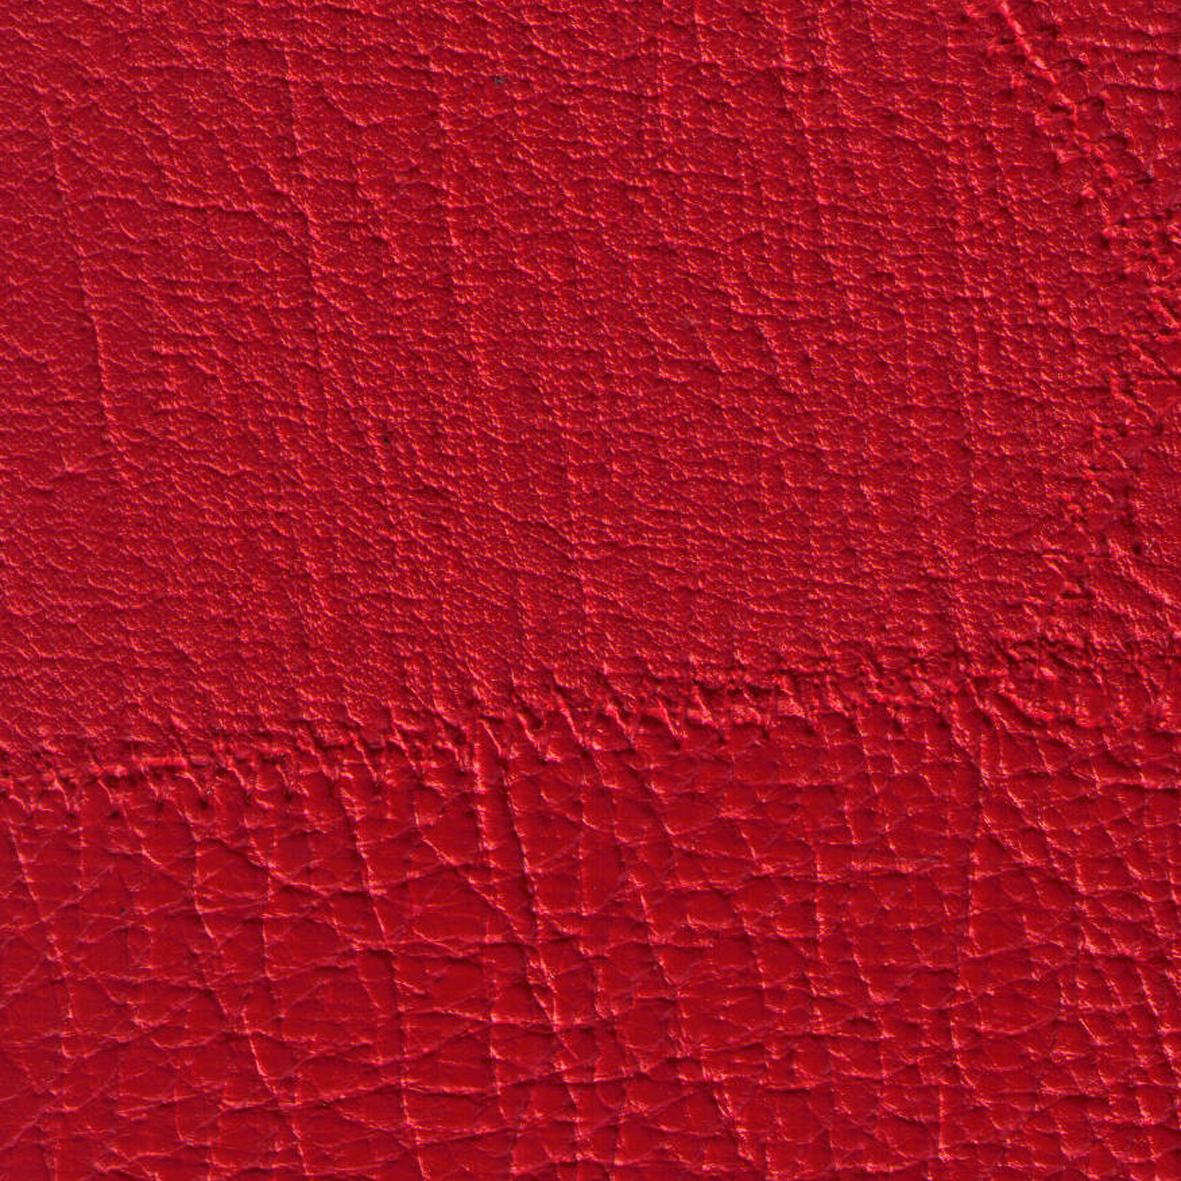 95 - Costurado Vermelho